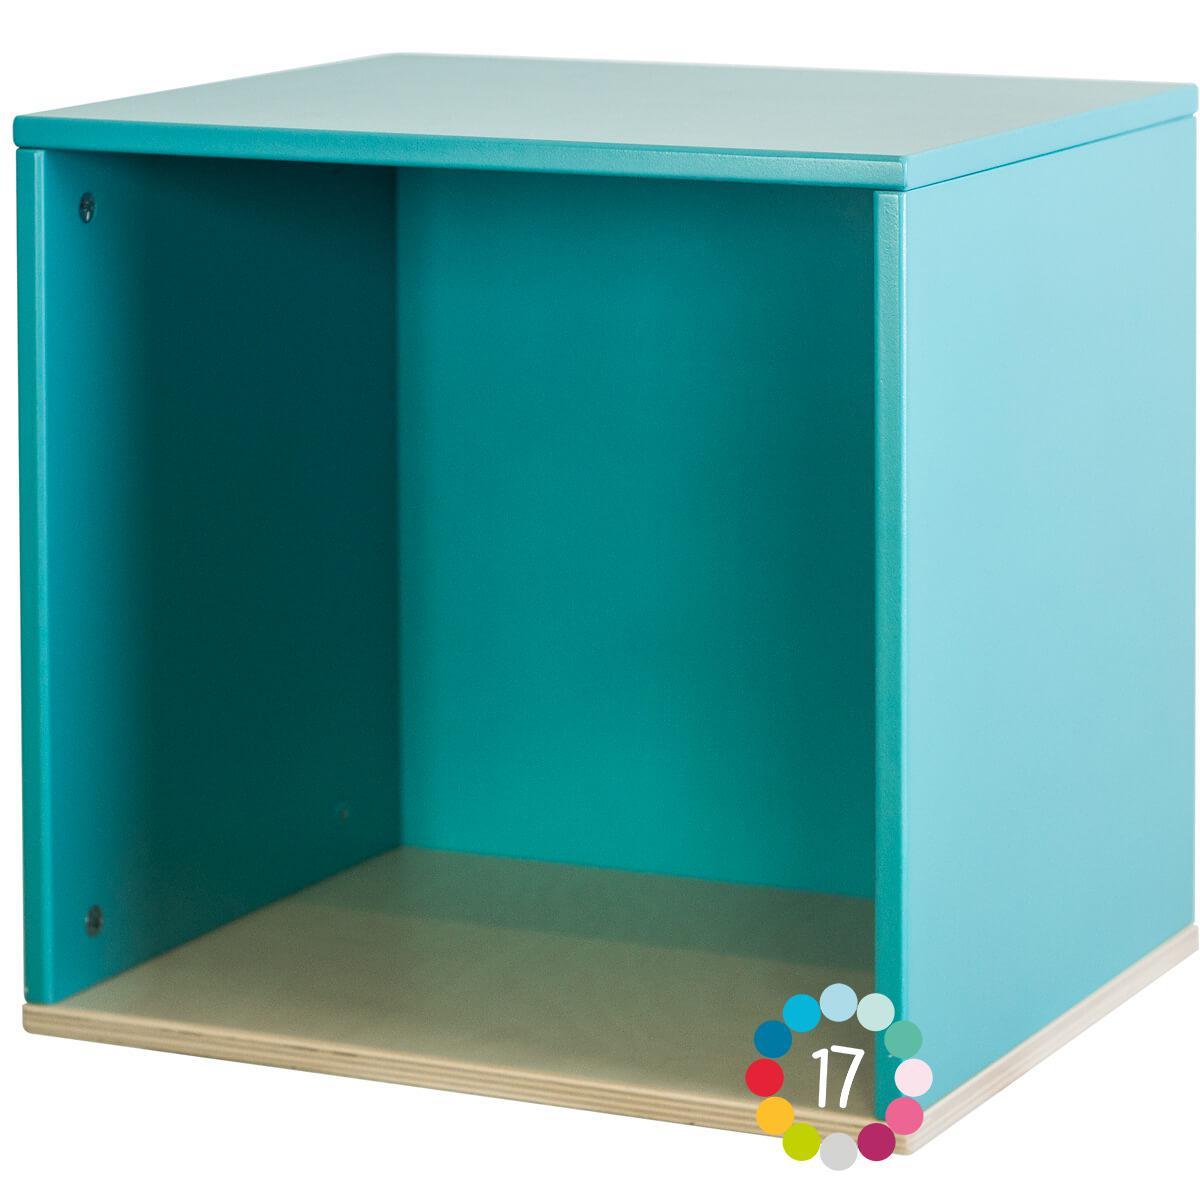 Cube mural COLORFLEX paradise blue